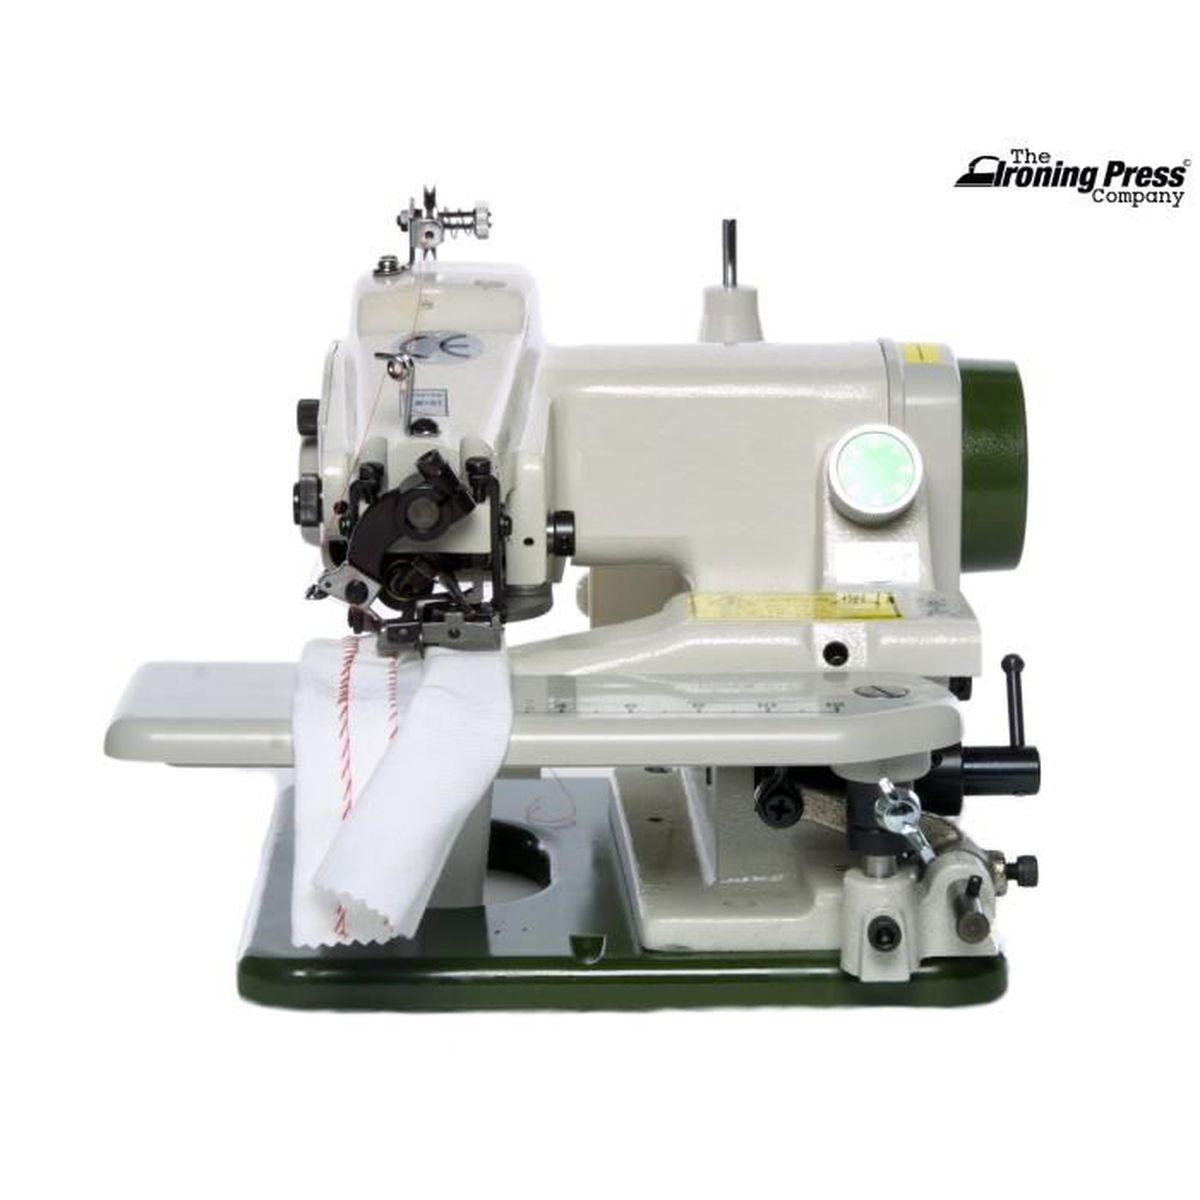 Réglable aveugle ourlet pied-pour les machines à coudre snap on presseur stitch